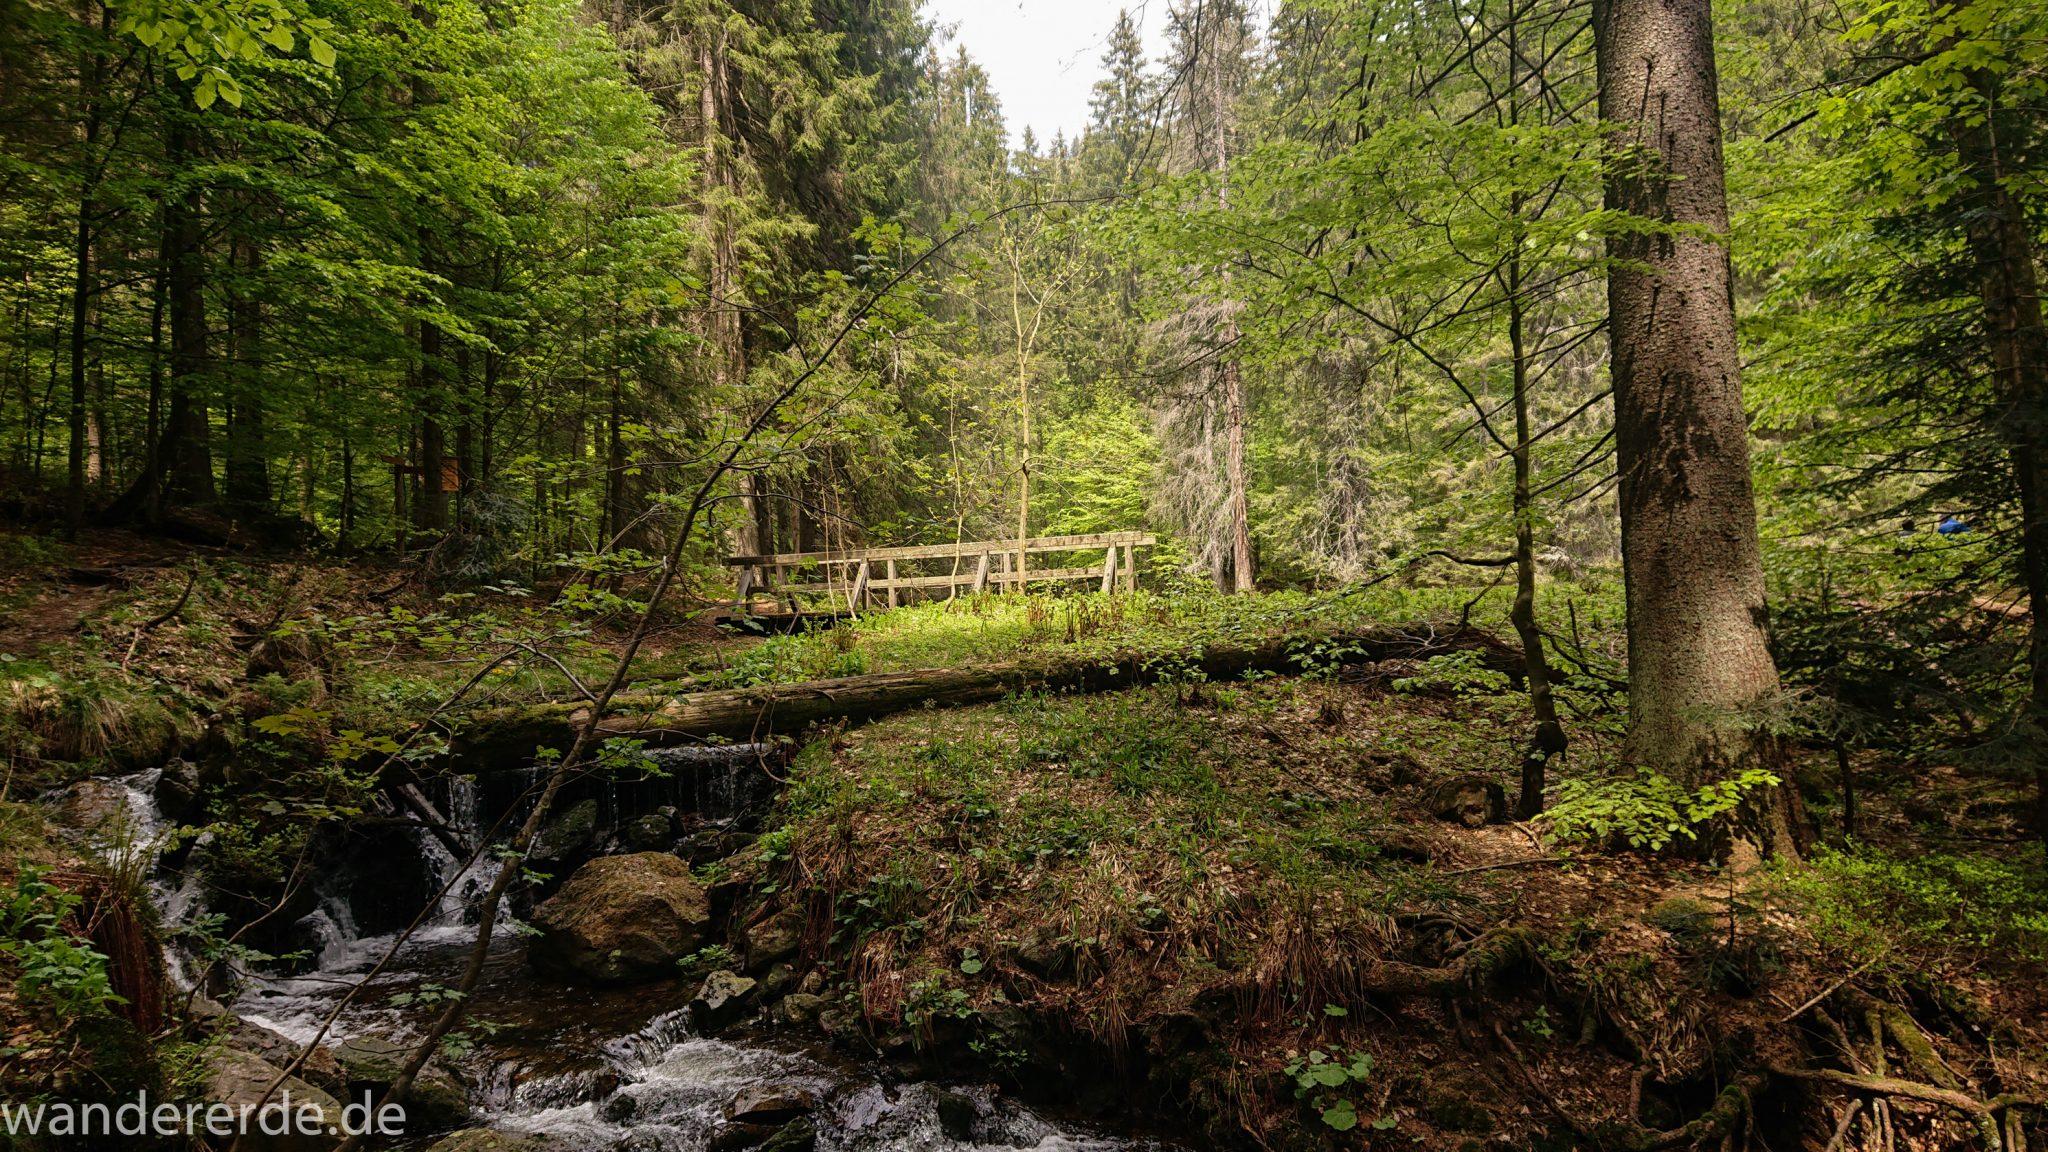 Rundwanderung zum Großen Falkenstein im Bayerischen Wald mit Start beim Zwieslerwaldhaus, auf dem Wanderweg Heidelbeere mit traumhaft schönem und dichtem Wald, toller naturbelassener und schmaler Wanderweg mit kühlendem Schatten, Frühjahr im bayerischen Wald, kleine Brücke führt über einen Bach